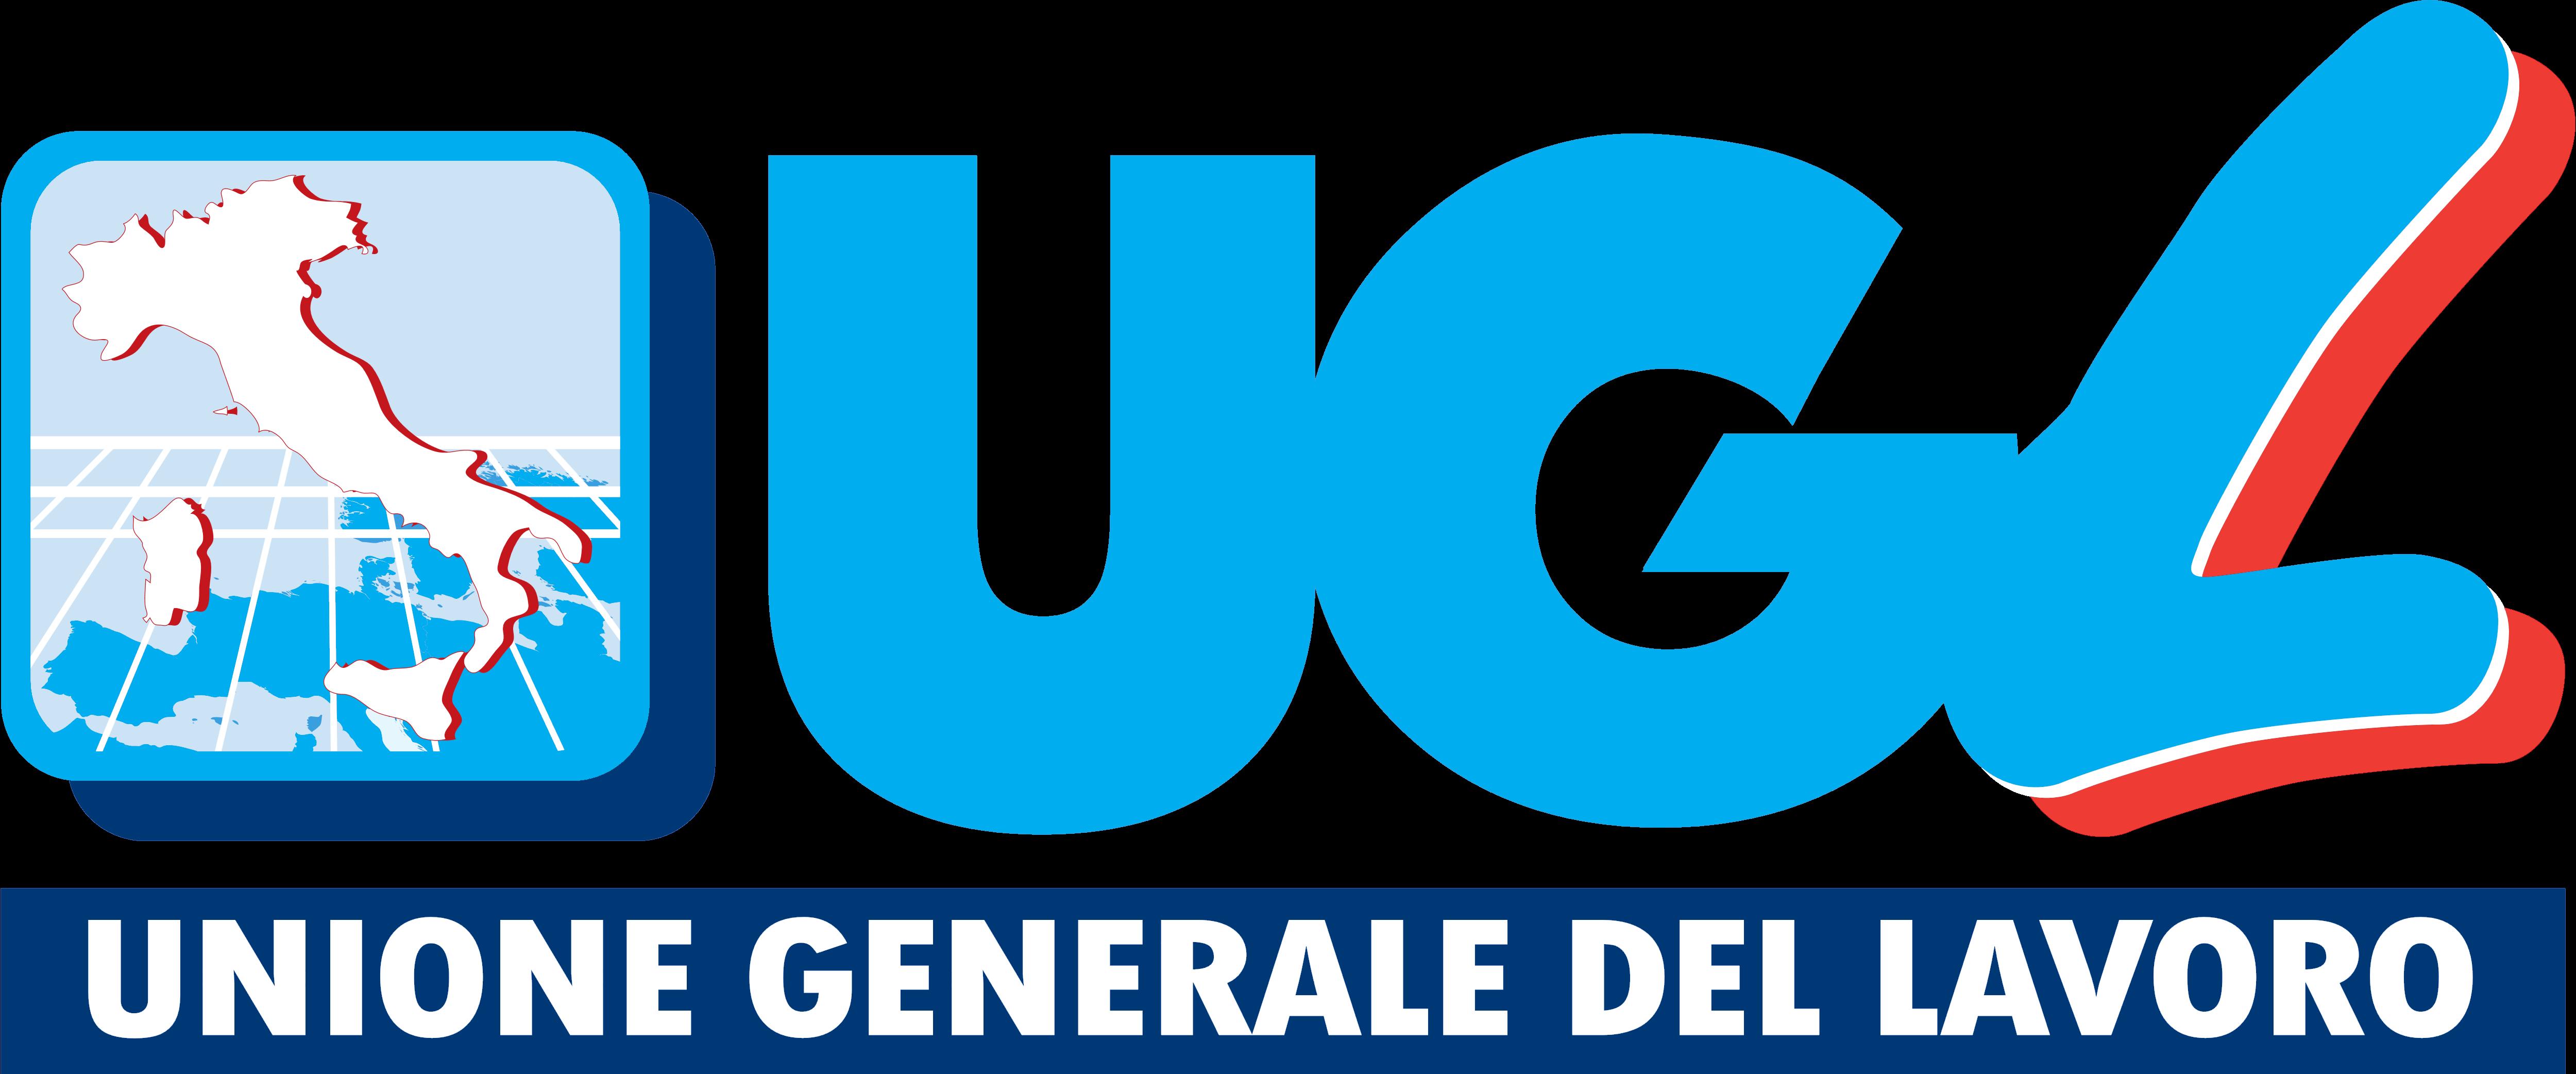 CIMIC Group - UGL